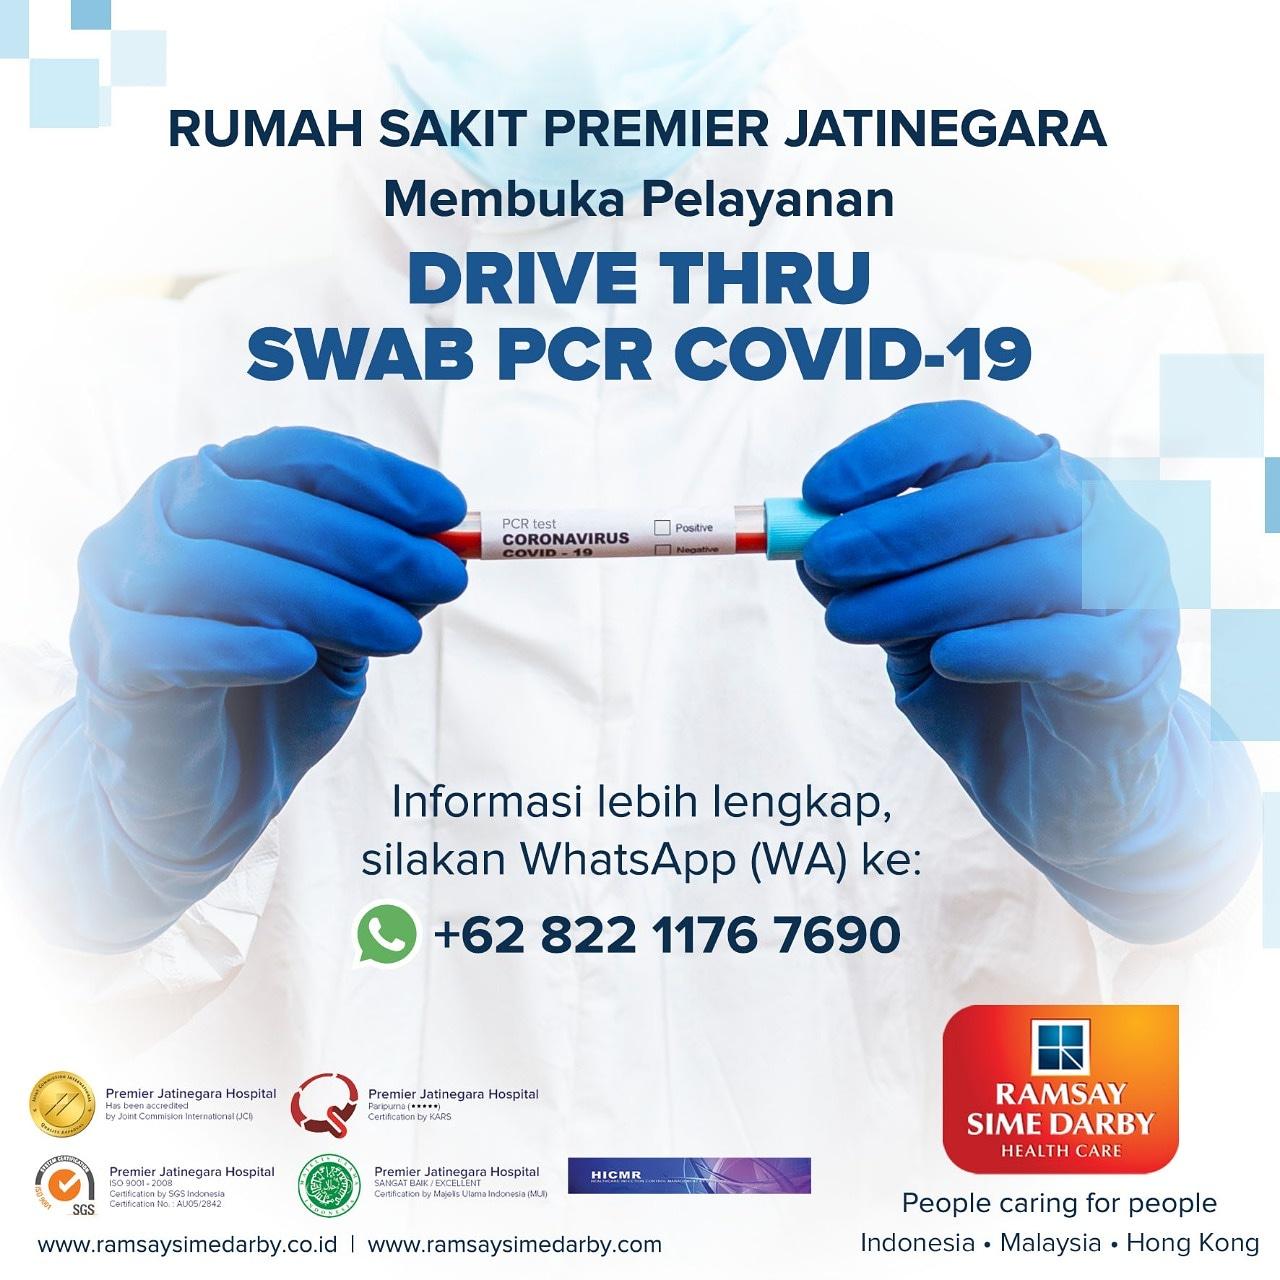 Swab PCR Covid-19 di RS Premier Jatinegara dengan Drive Thru